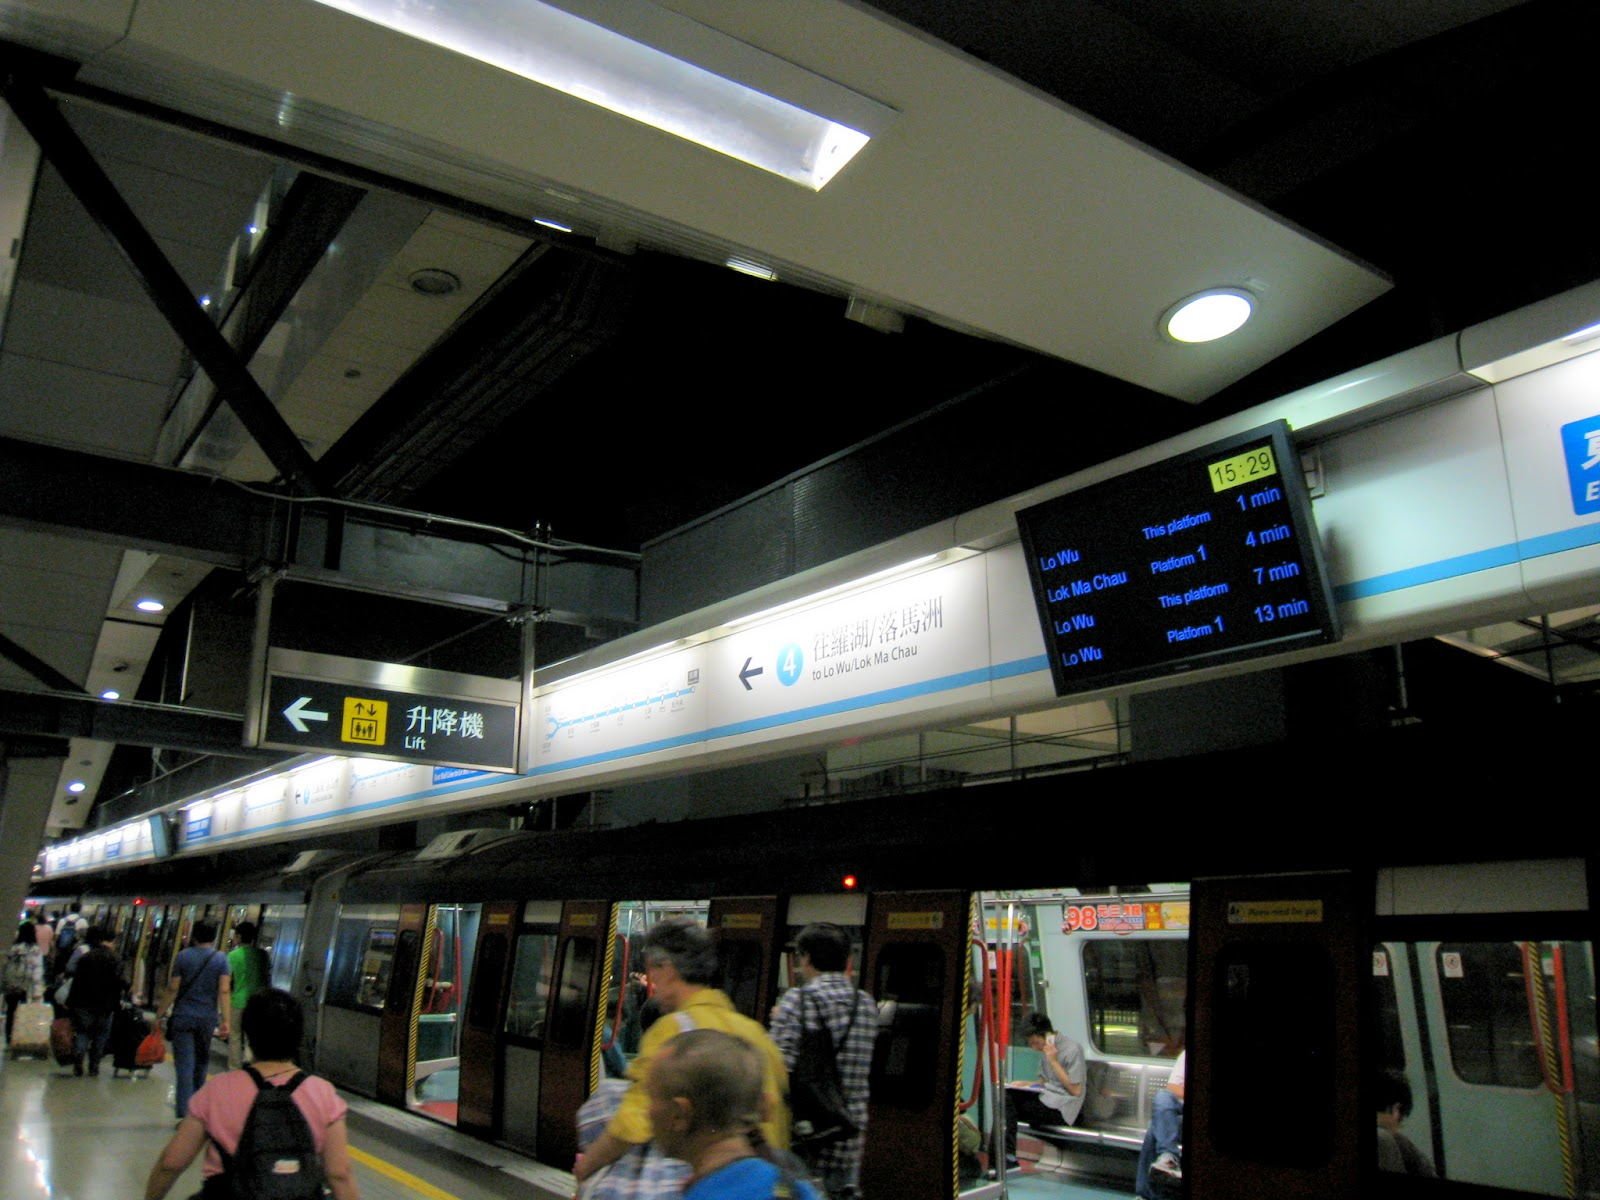 港澳吃飯團-香港-地鐵東鐵線(淺藍線)